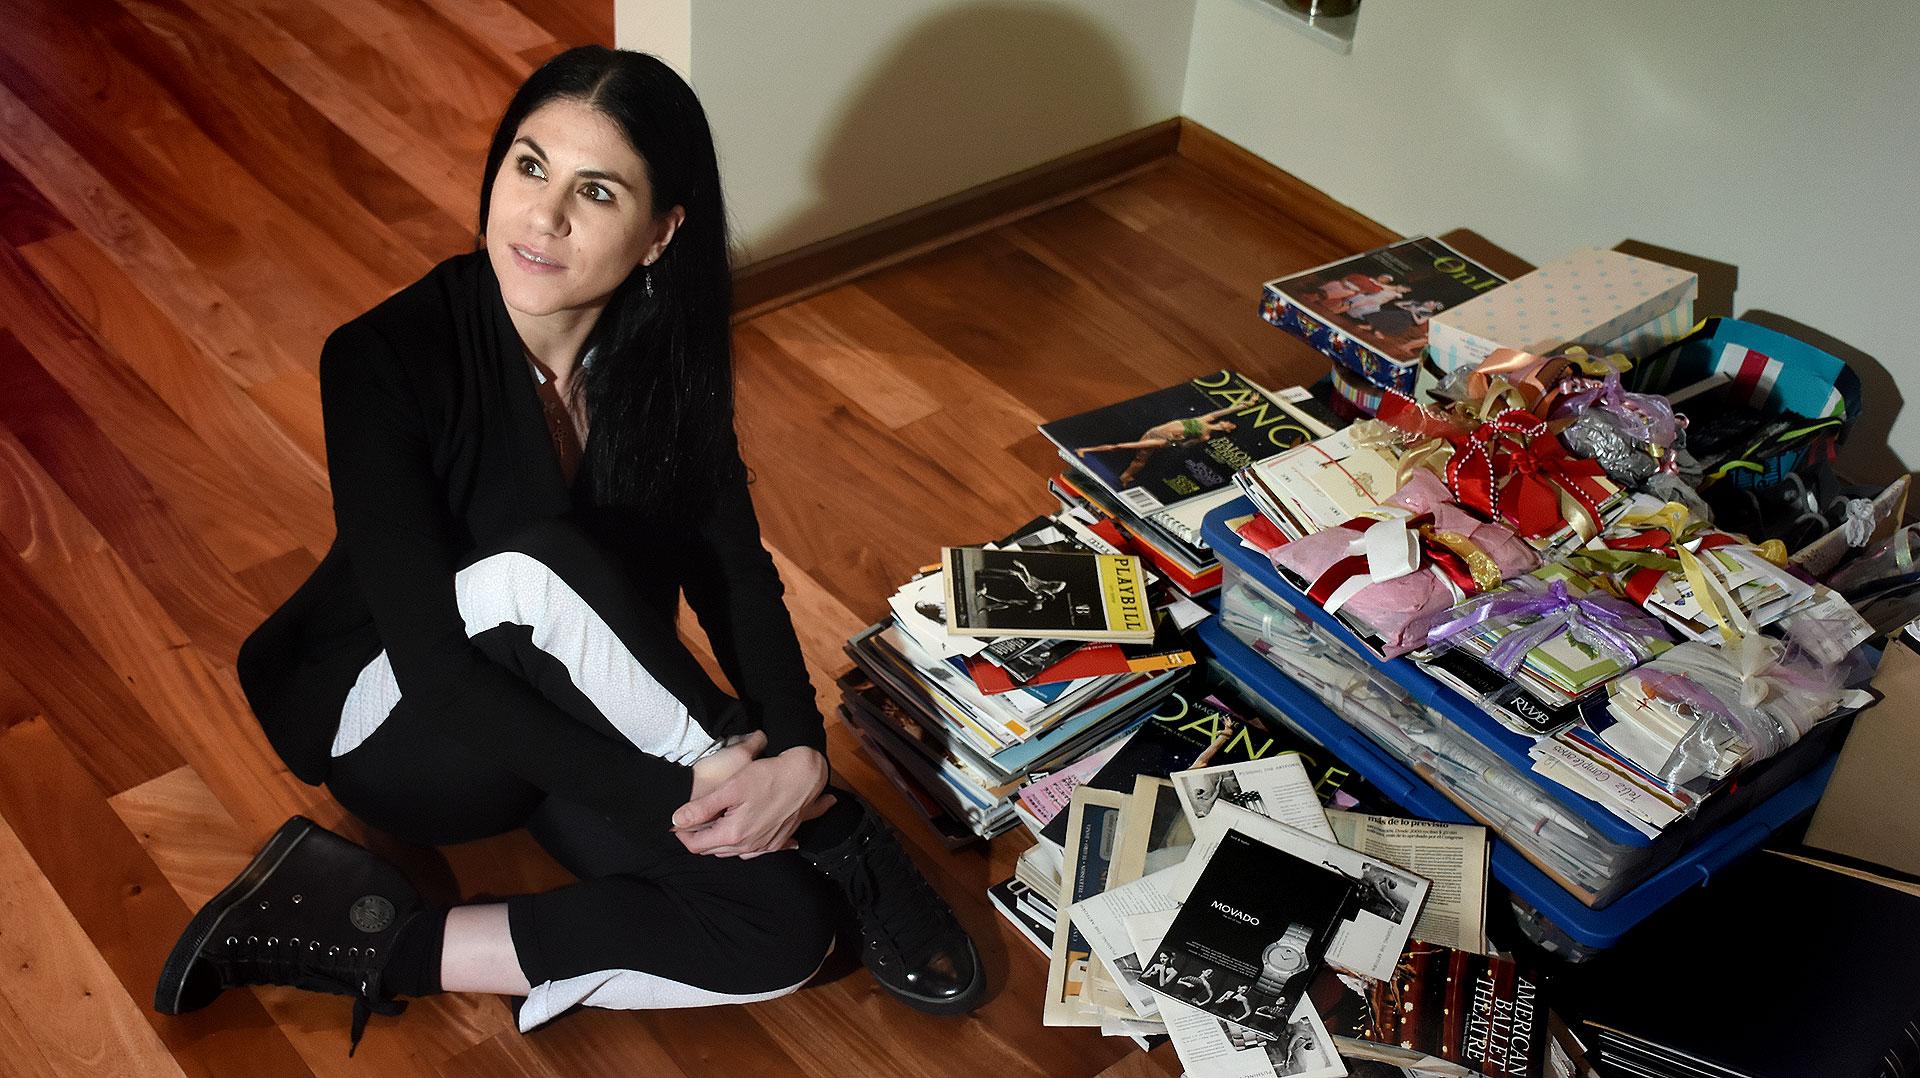 La ex bailarina, junto a todos los recortes de revistas, diarios y las cajas de cartas de sus segudiores (Nicolás Stulberg)